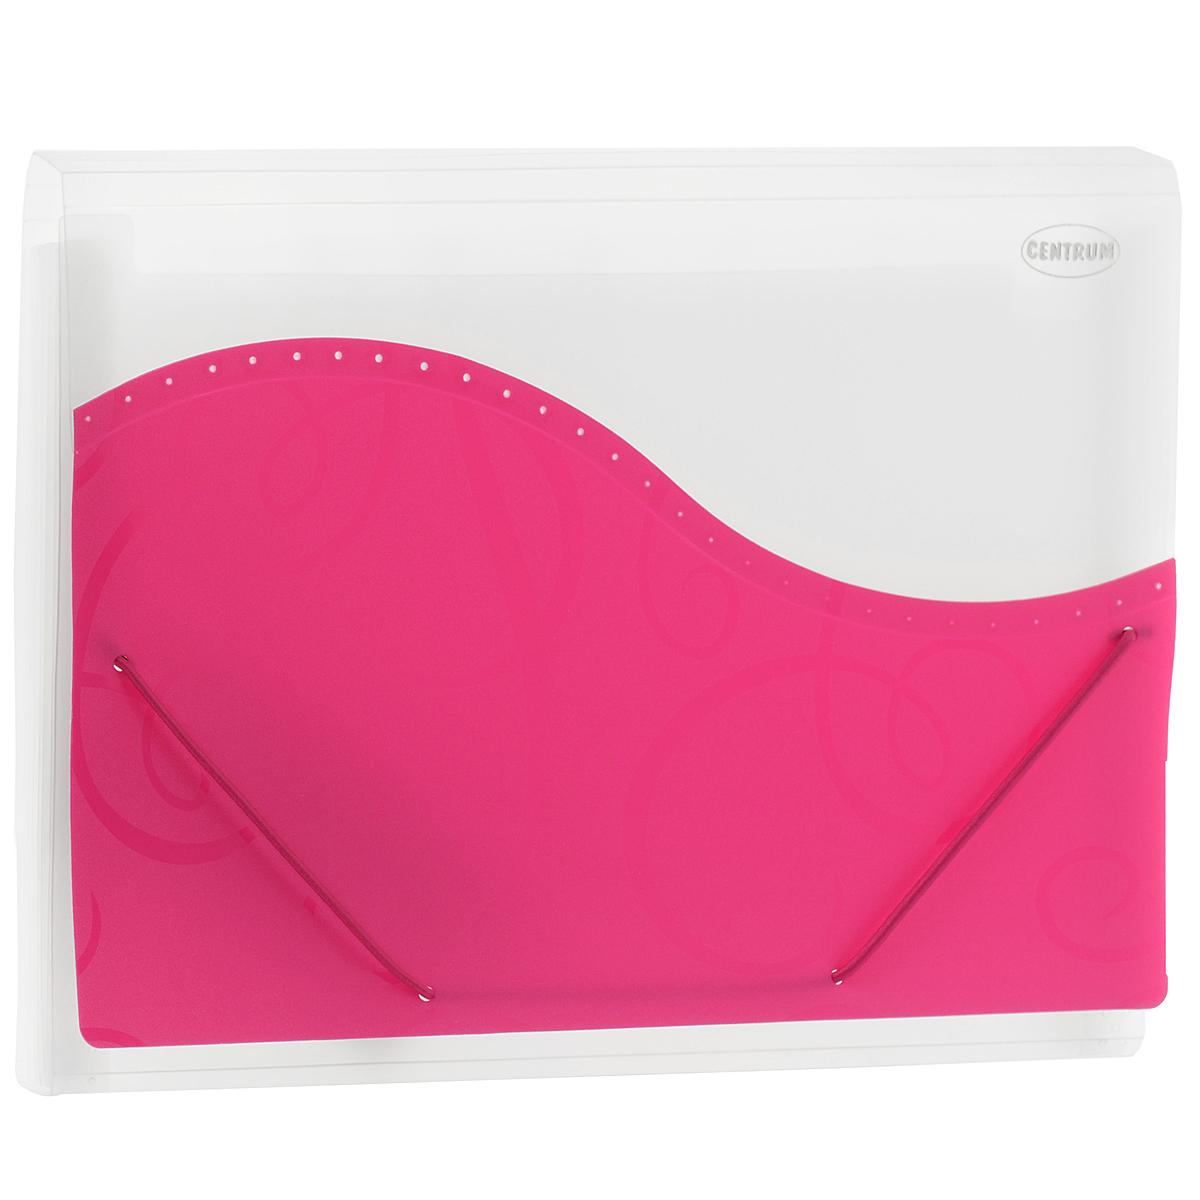 Папка на резинке Centrum, 7 отделений, цвет: прозрачный, розовый. Формат А483617РПапка на резинке Centrum - это удобный и функциональный офисный инструмент, предназначенный для хранения и транспортировки большого объема рабочих бумаг и документов формата А4. Папка с двойной угловой фиксацией резиновой лентой изготовлена из прочного высококачественного пластика толщиной 0,4 мм. Папка состоит из 7 вместительных отделений с прозрачными пластиковыми разделителями. Уголки имеют закругленную форму, что предотвращает их загибание и помогает надолго сохранить опрятный вид обложки. В комплект входят 18 стикеров для разделителей разных цветов. Папка оформлена вставкой из непрозрачного пластика с оригинальным орнаментом. Папка-конверт - это незаменимый атрибут для студента, школьника, офисного работника. Такая папка надежно сохранит ваши документы и сбережет их от повреждений, пыли и влаги.